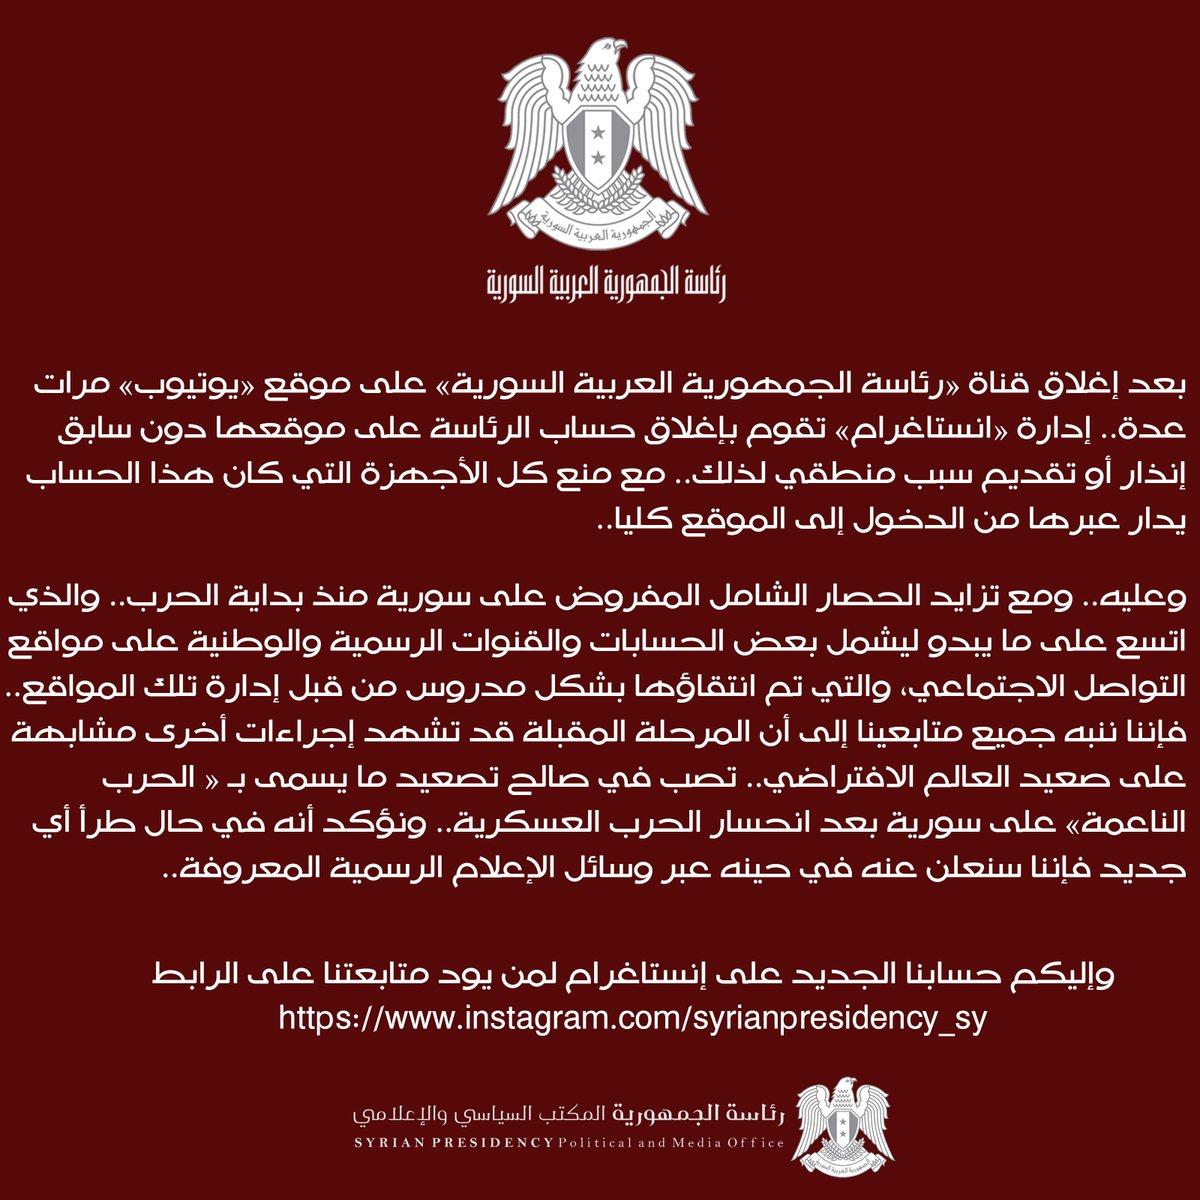 بيان الرئاسة السورية